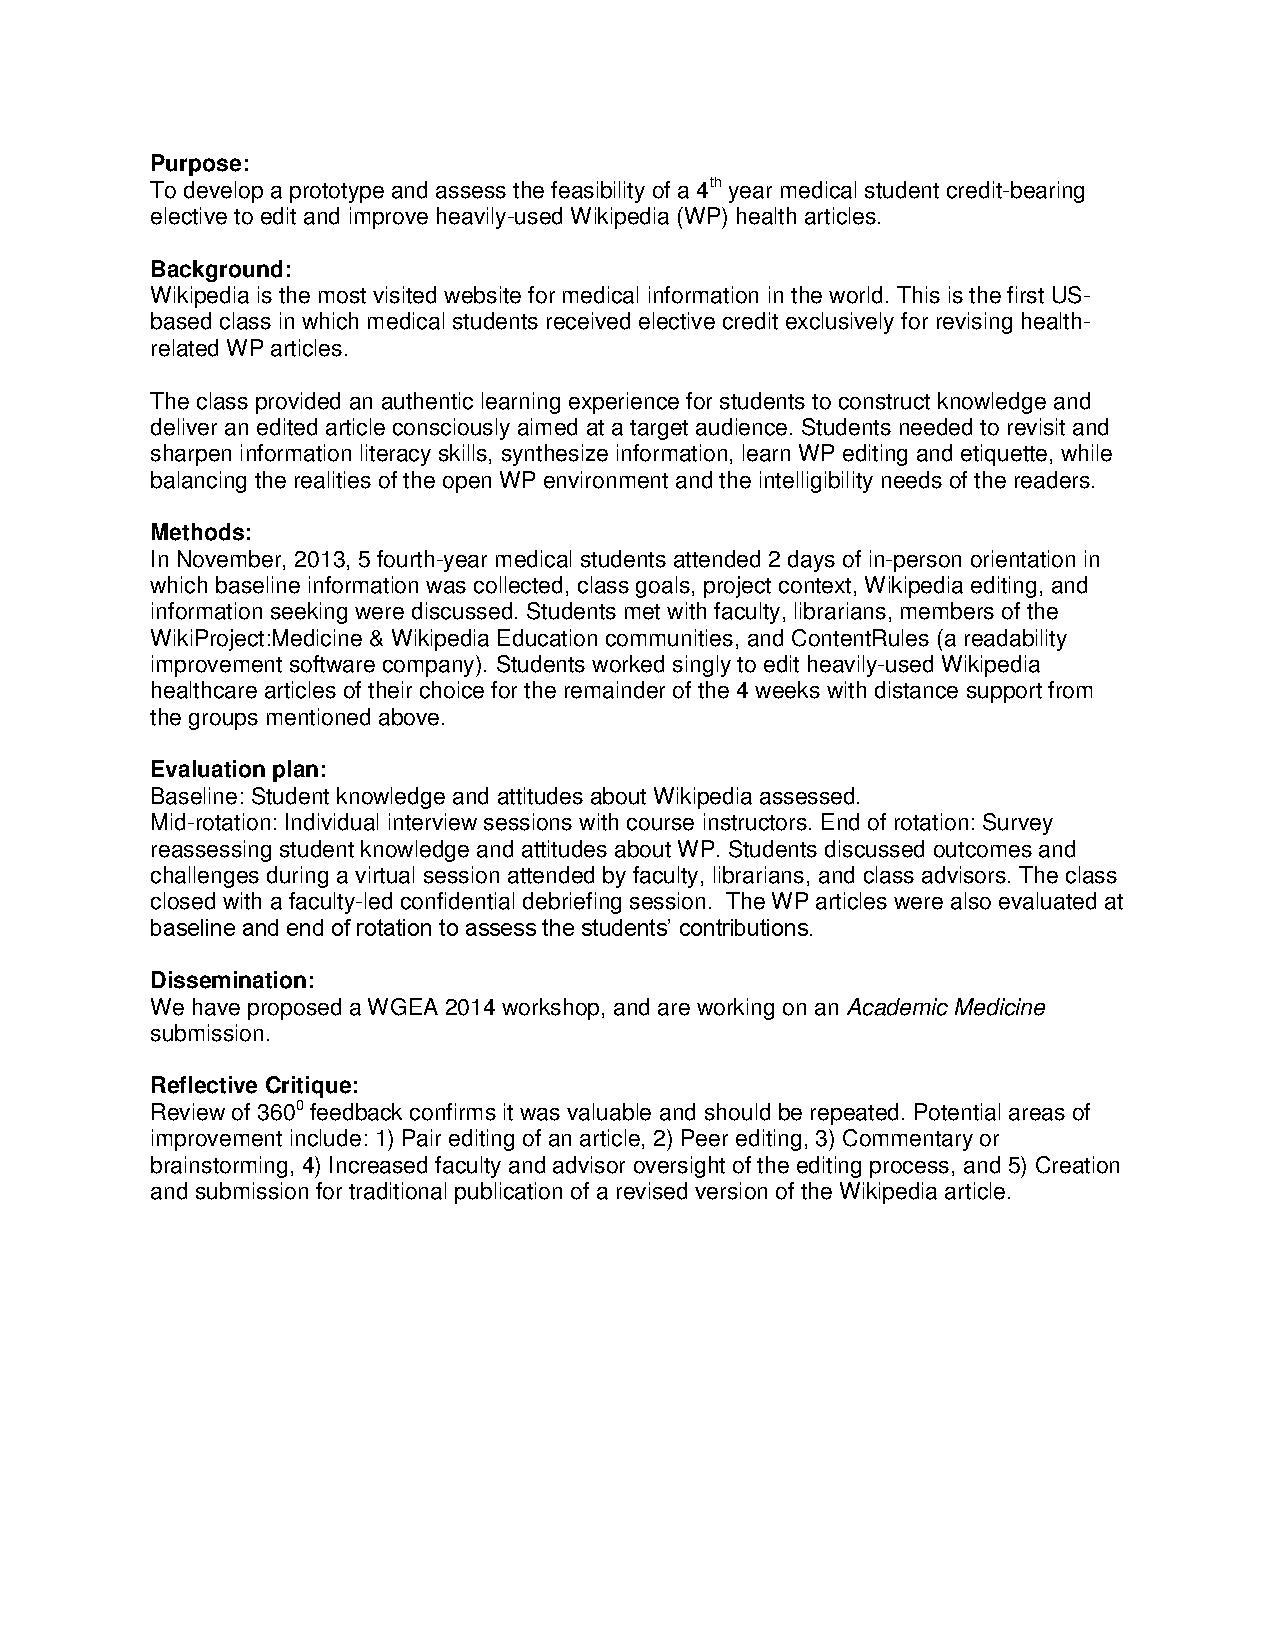 File:Wiki medicine presentation - UCSF medical education - 2014